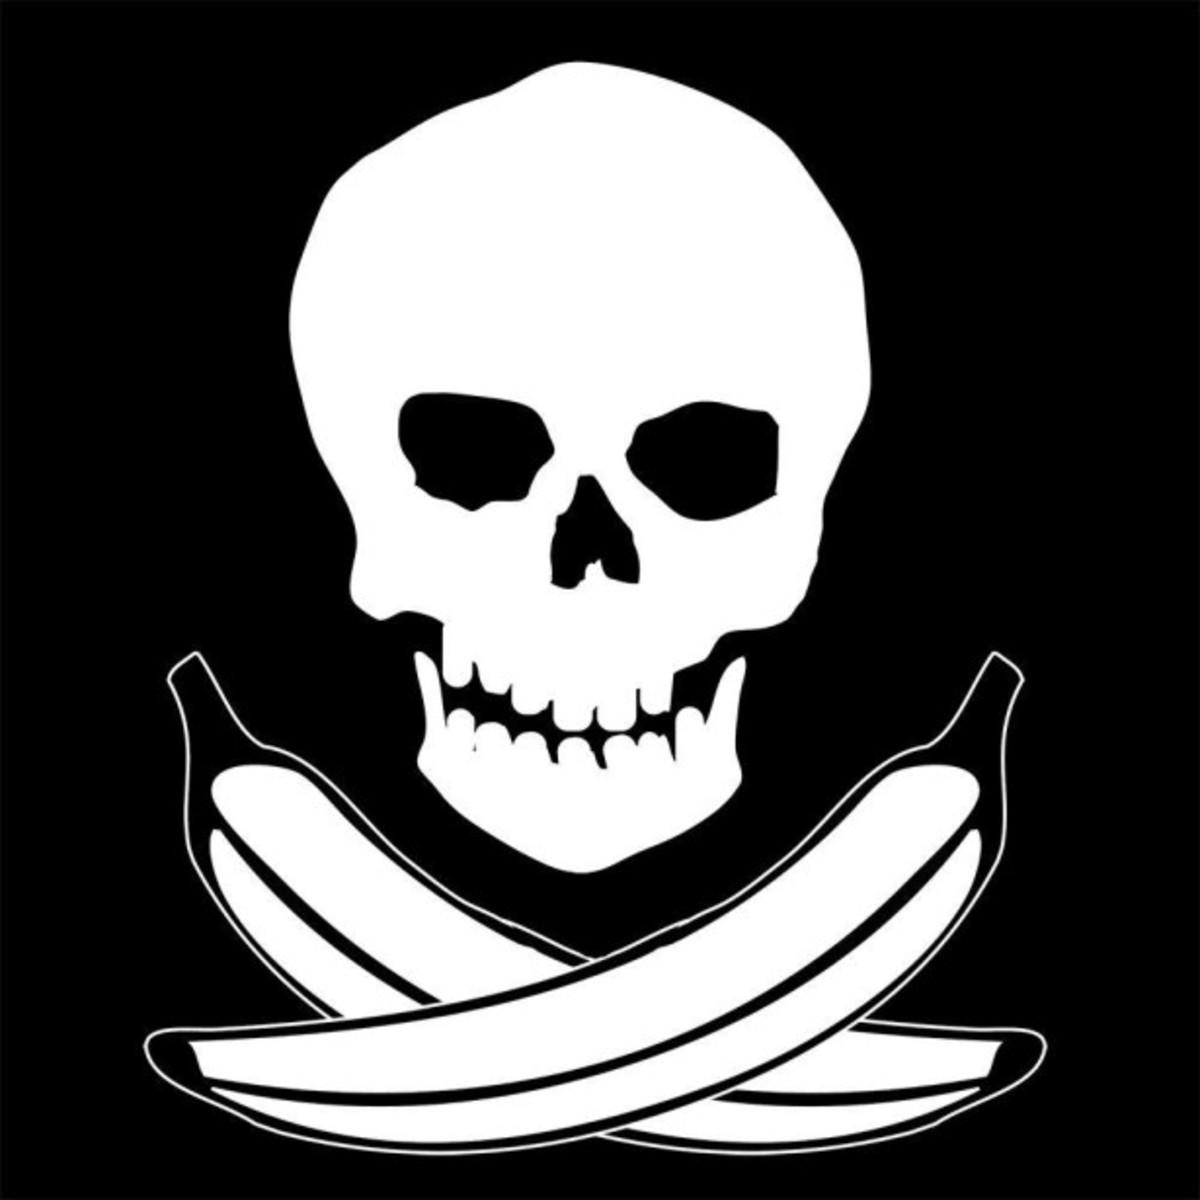 Dada Death: Real or Hoax?